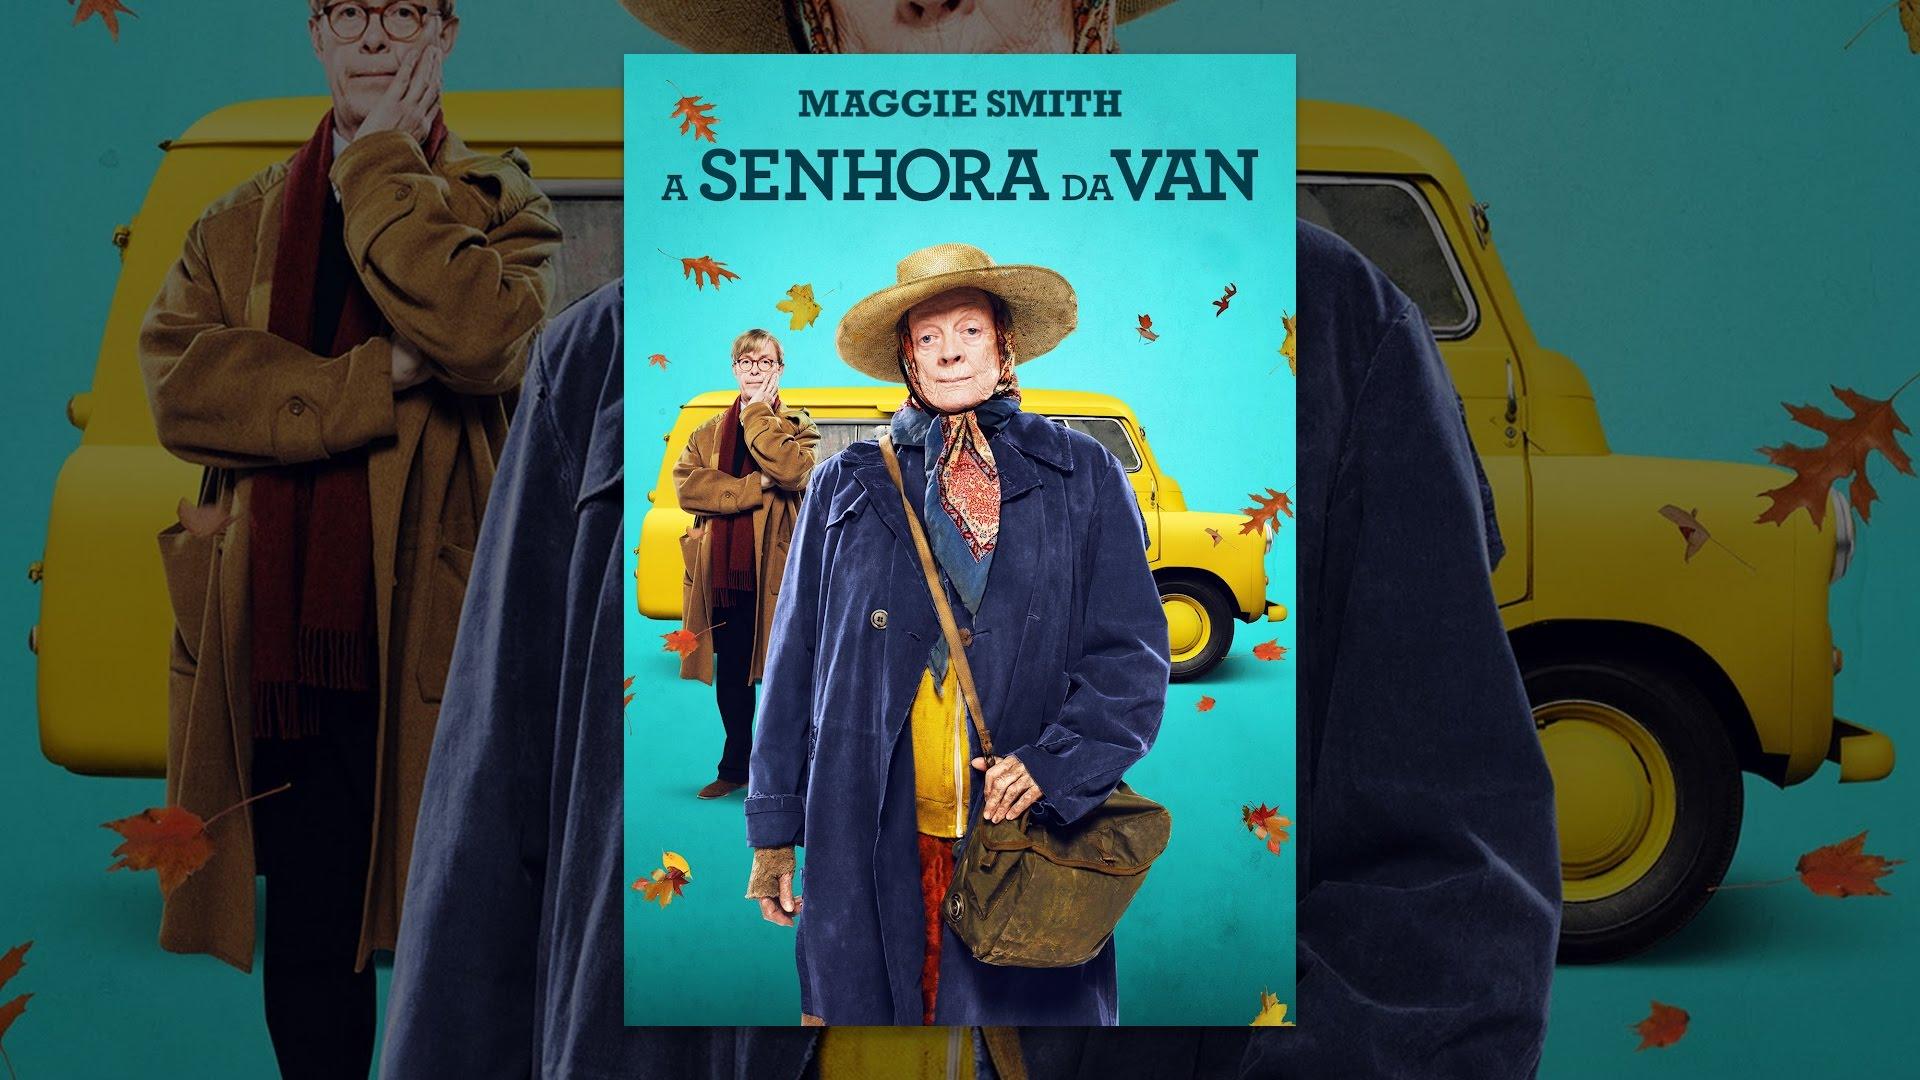 Morar em uma Van - A senhora da Van